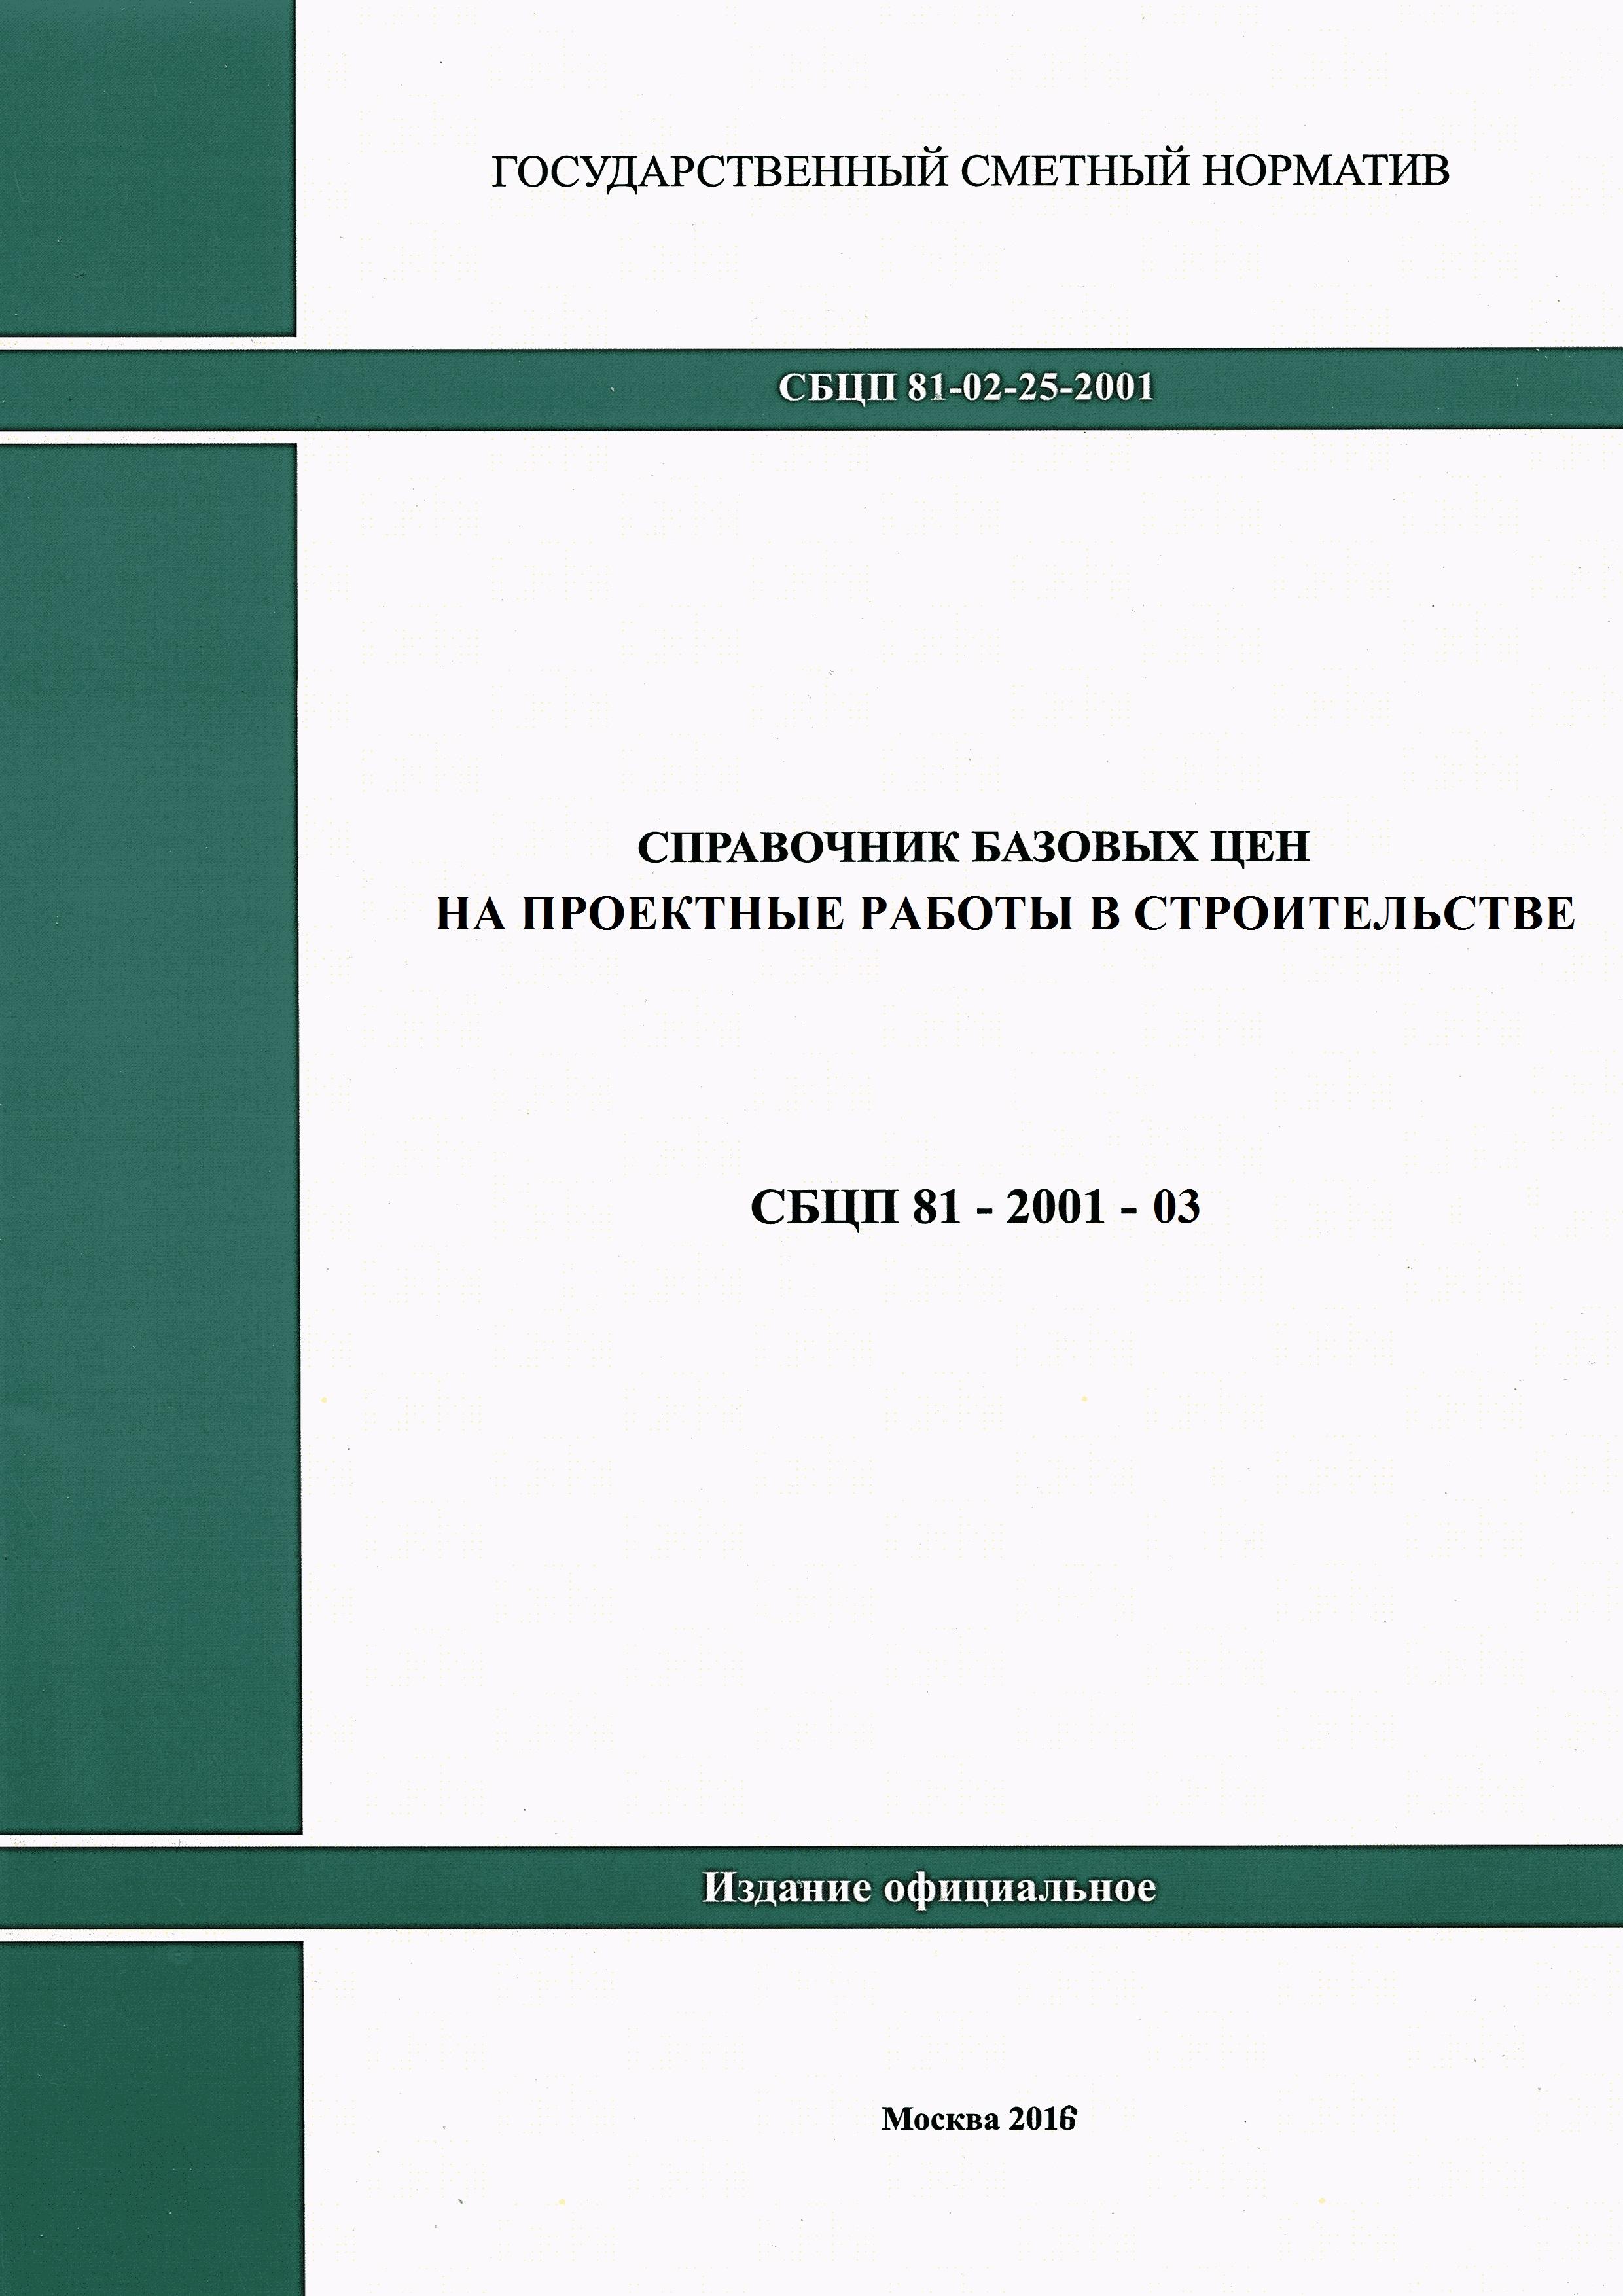 Образец сметы СБЦП 81-2001-03 на проектные работы Объекты жилищно-гражданского строительства  Справочник базовых цен на проектные работы для строительства